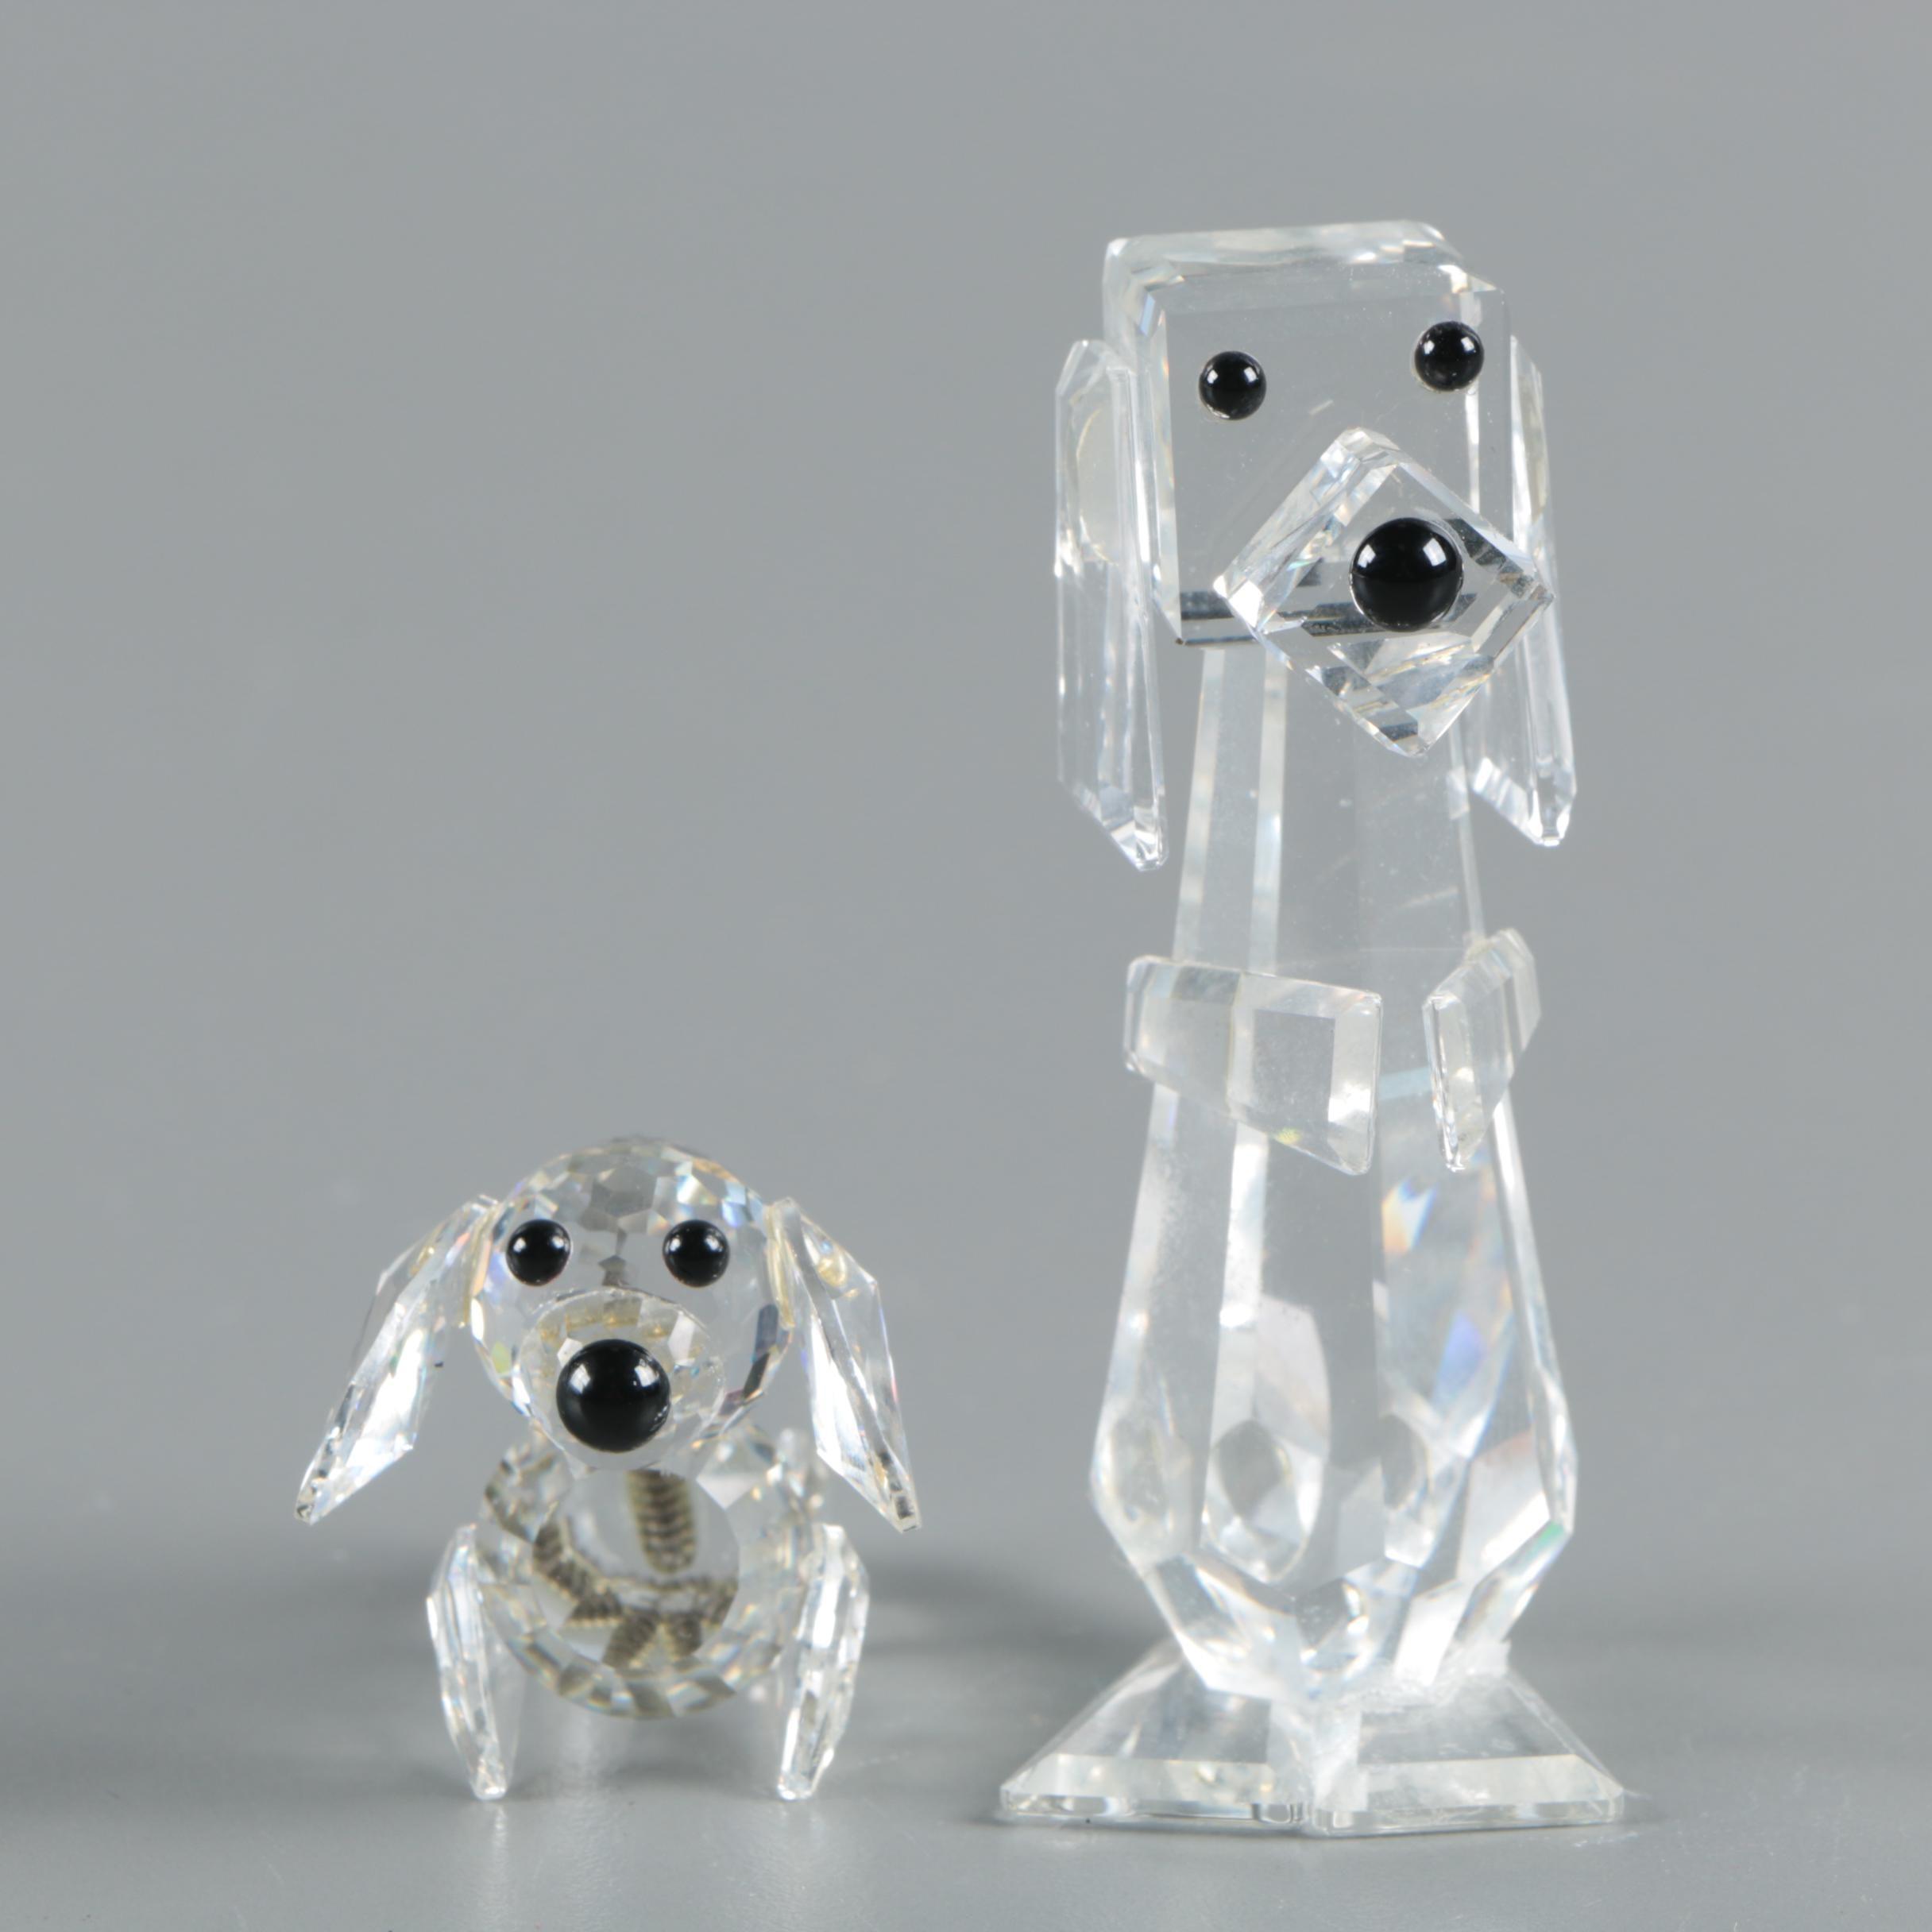 Swarovski Dog Figurines